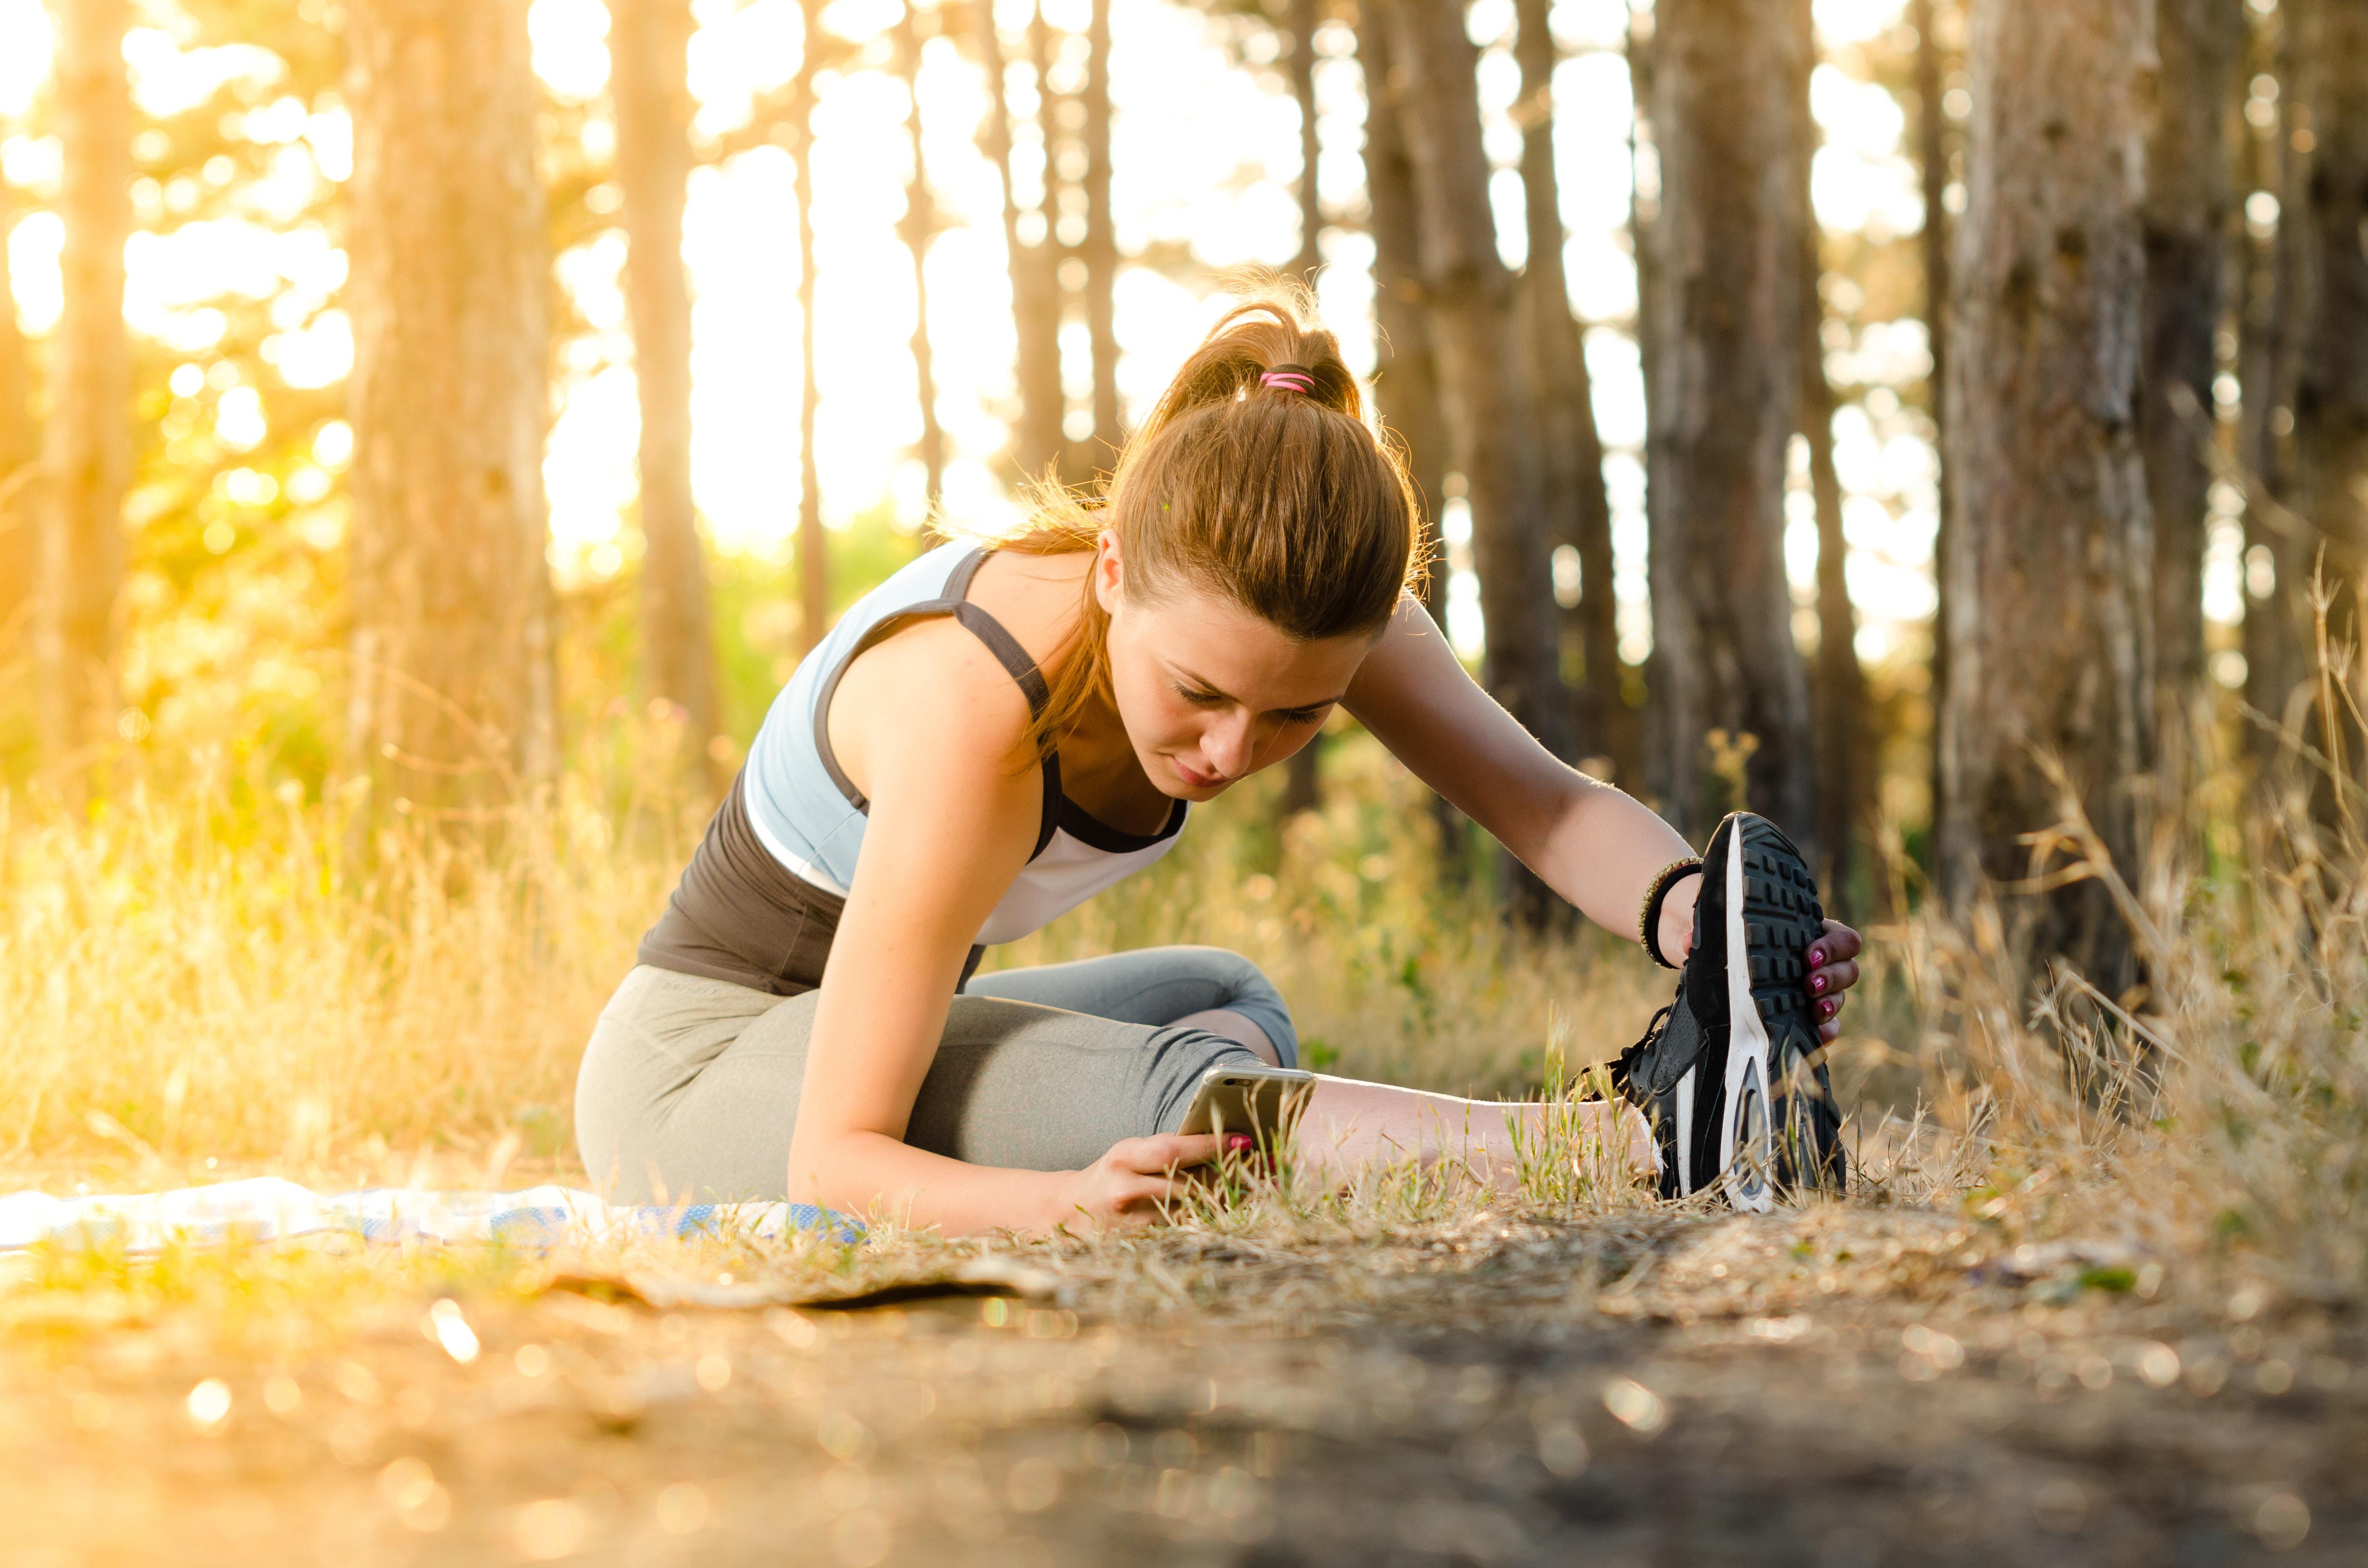 Beitrag/Artikel: Die zwei Arten des Smartphone-Yoga - Lebe-Liebe-Lache.com - Dein ONLINE MAGAZIN